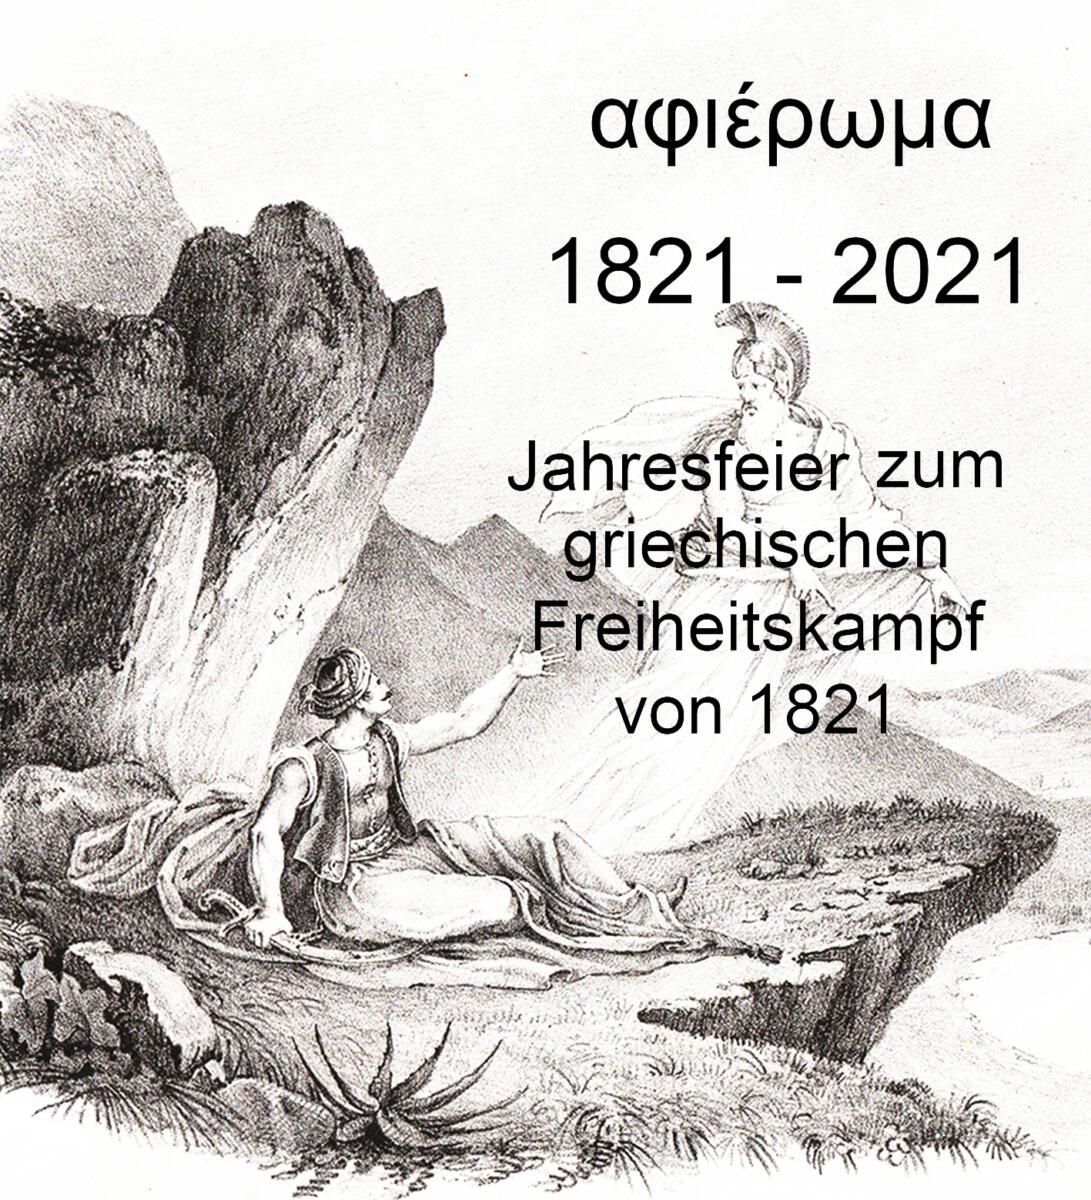 01 Αφιέρωμα 182 - 2021